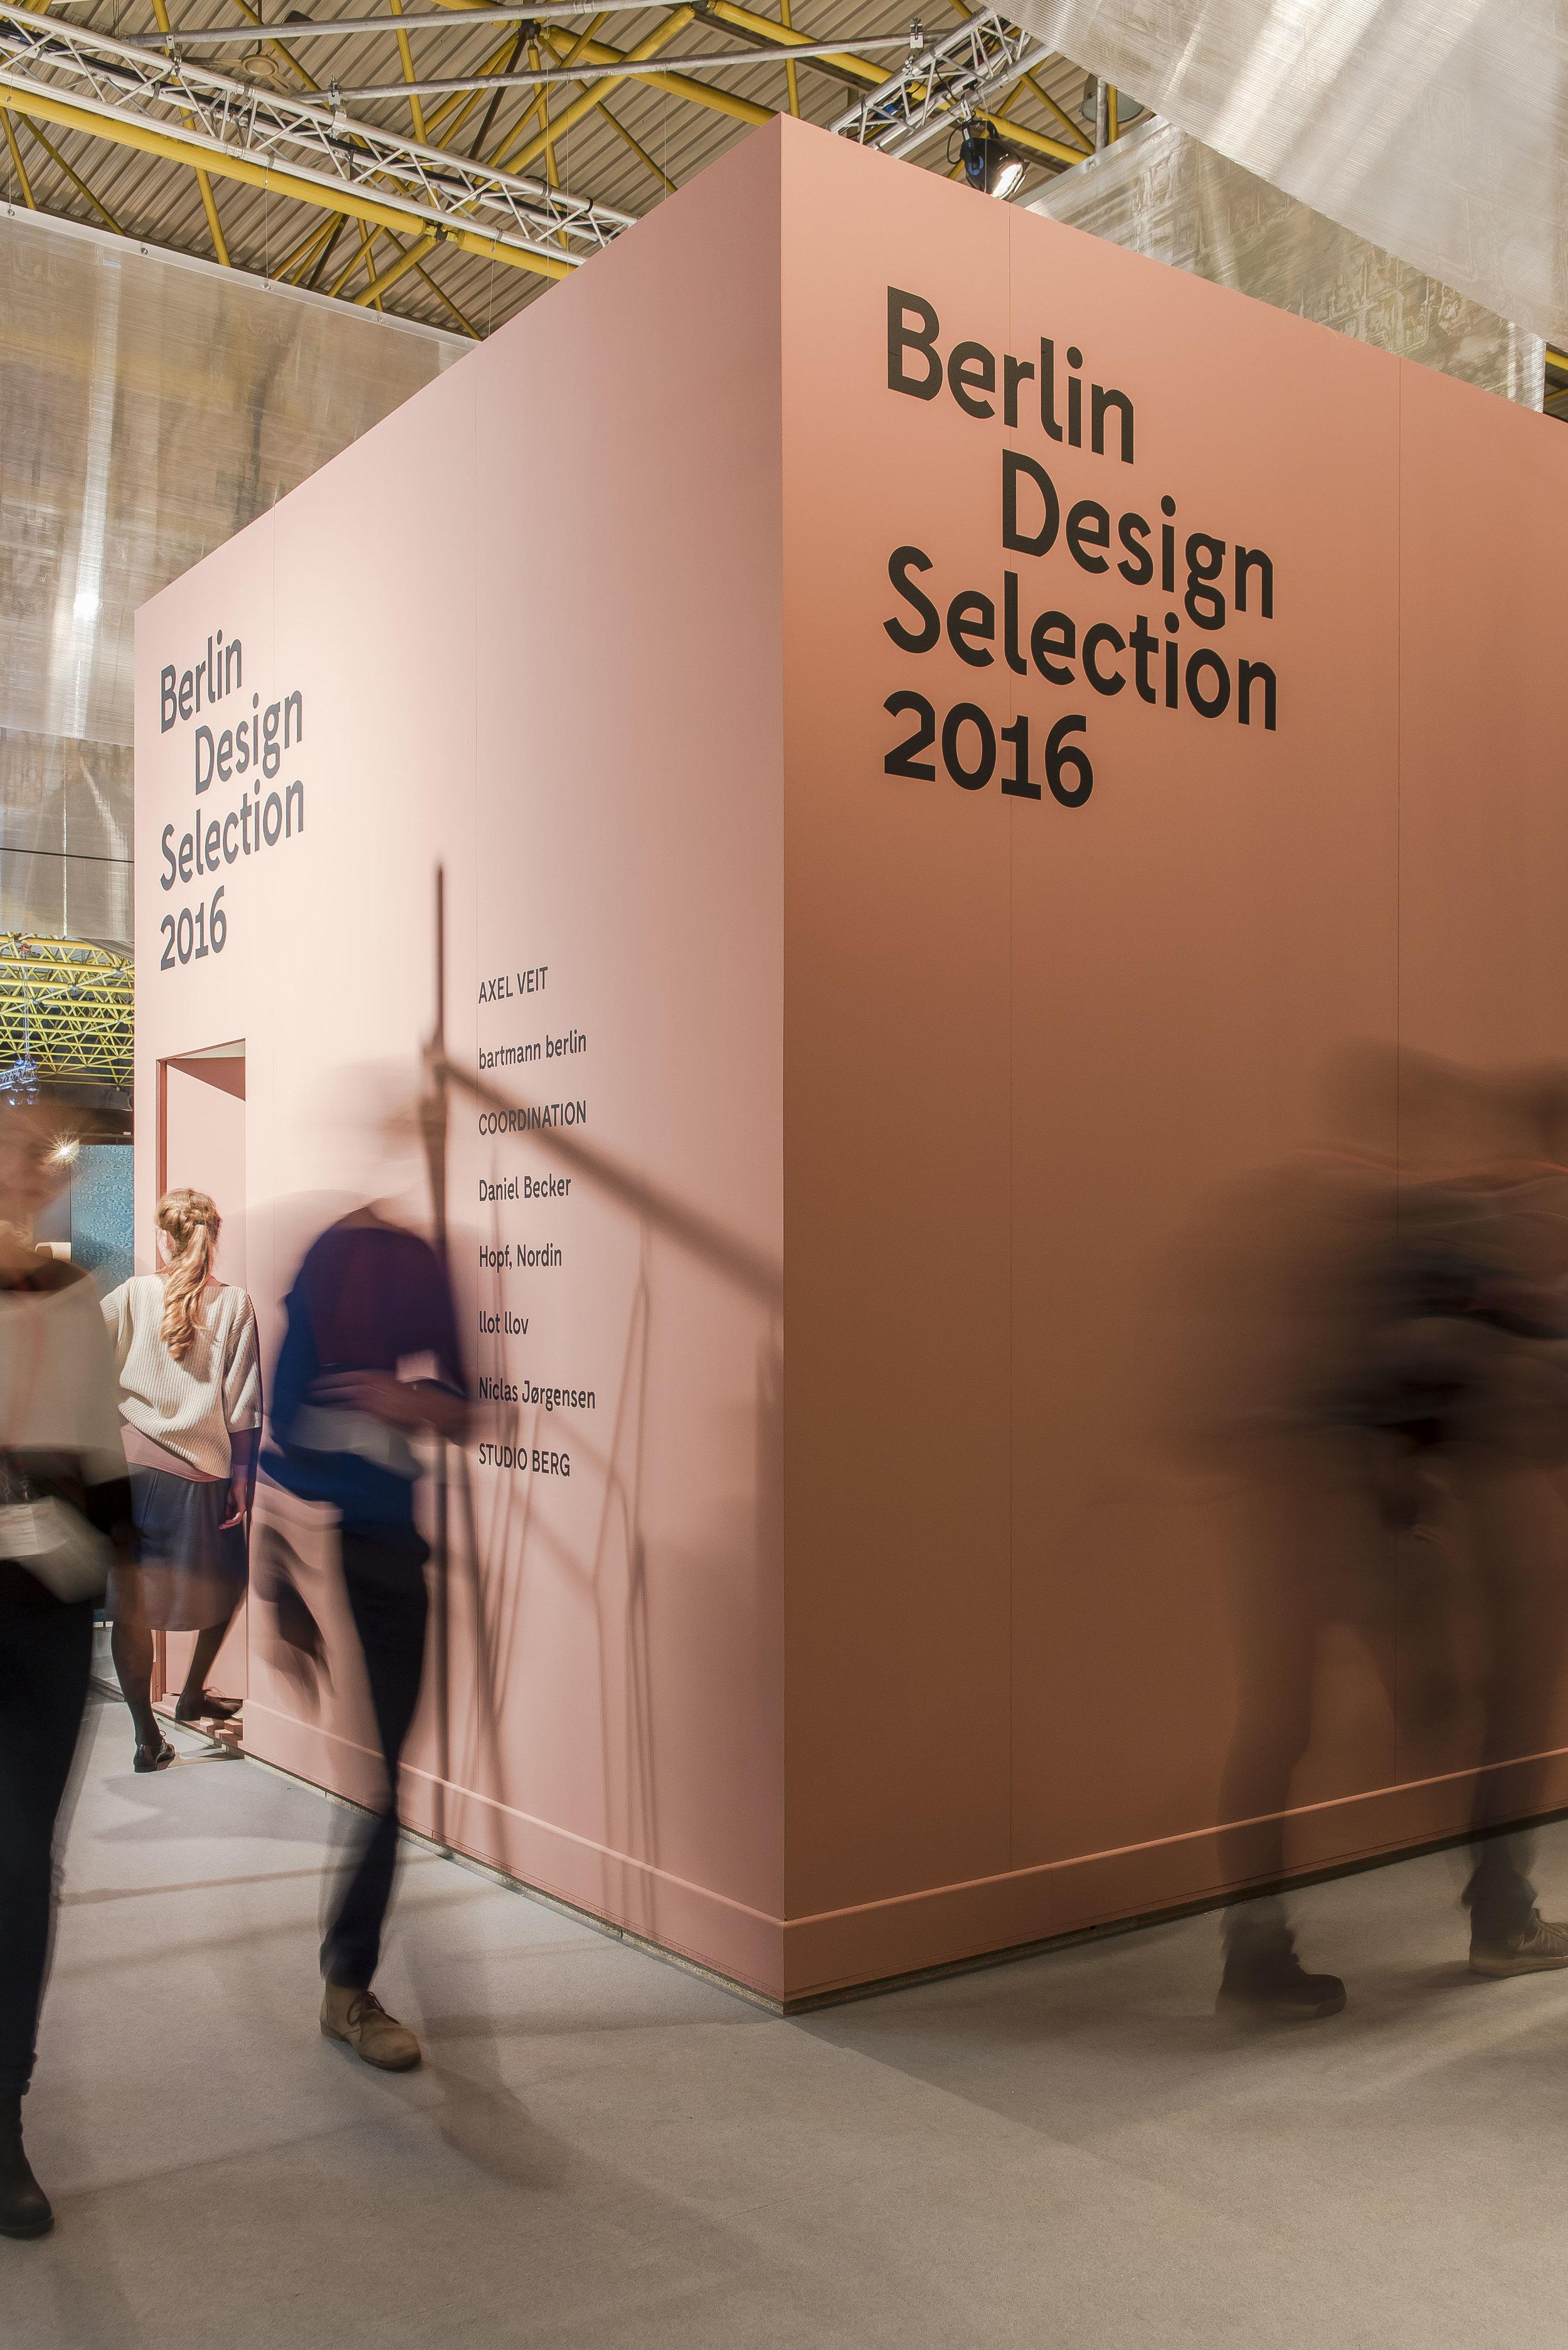 berlin-design-selection-kortrijk_tradefair-exhibition-design_coordination-berlin_01.jpg